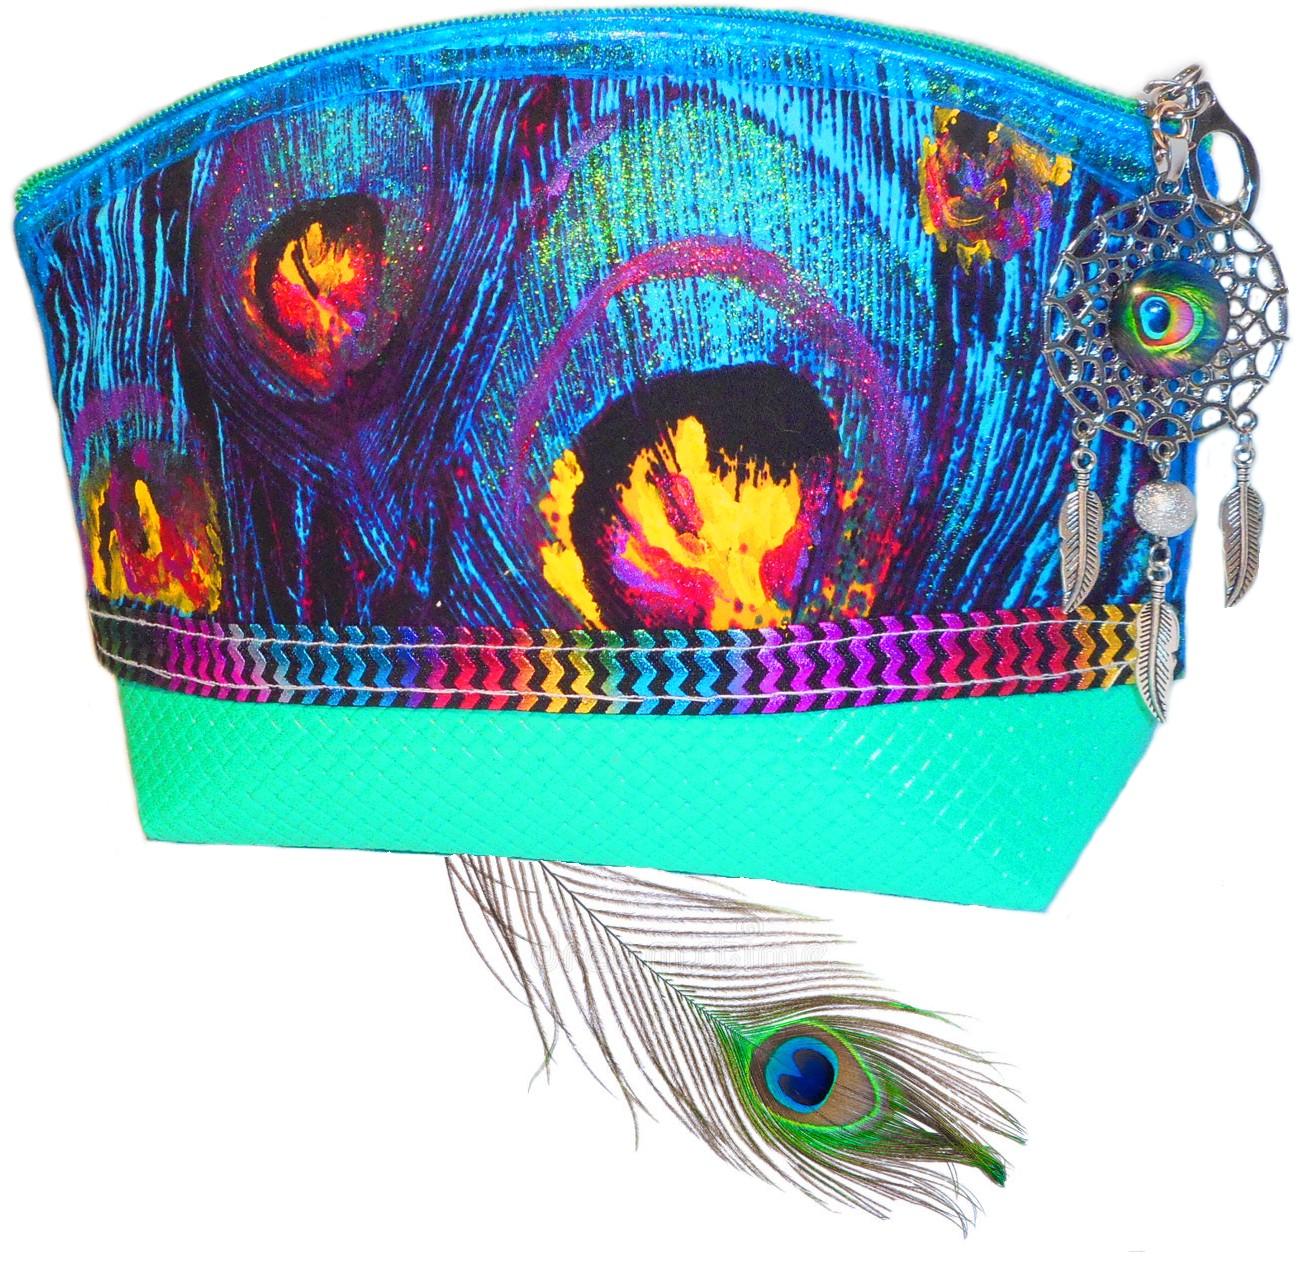 trousse maquillage turquoise plume de paon avec attrape rêve